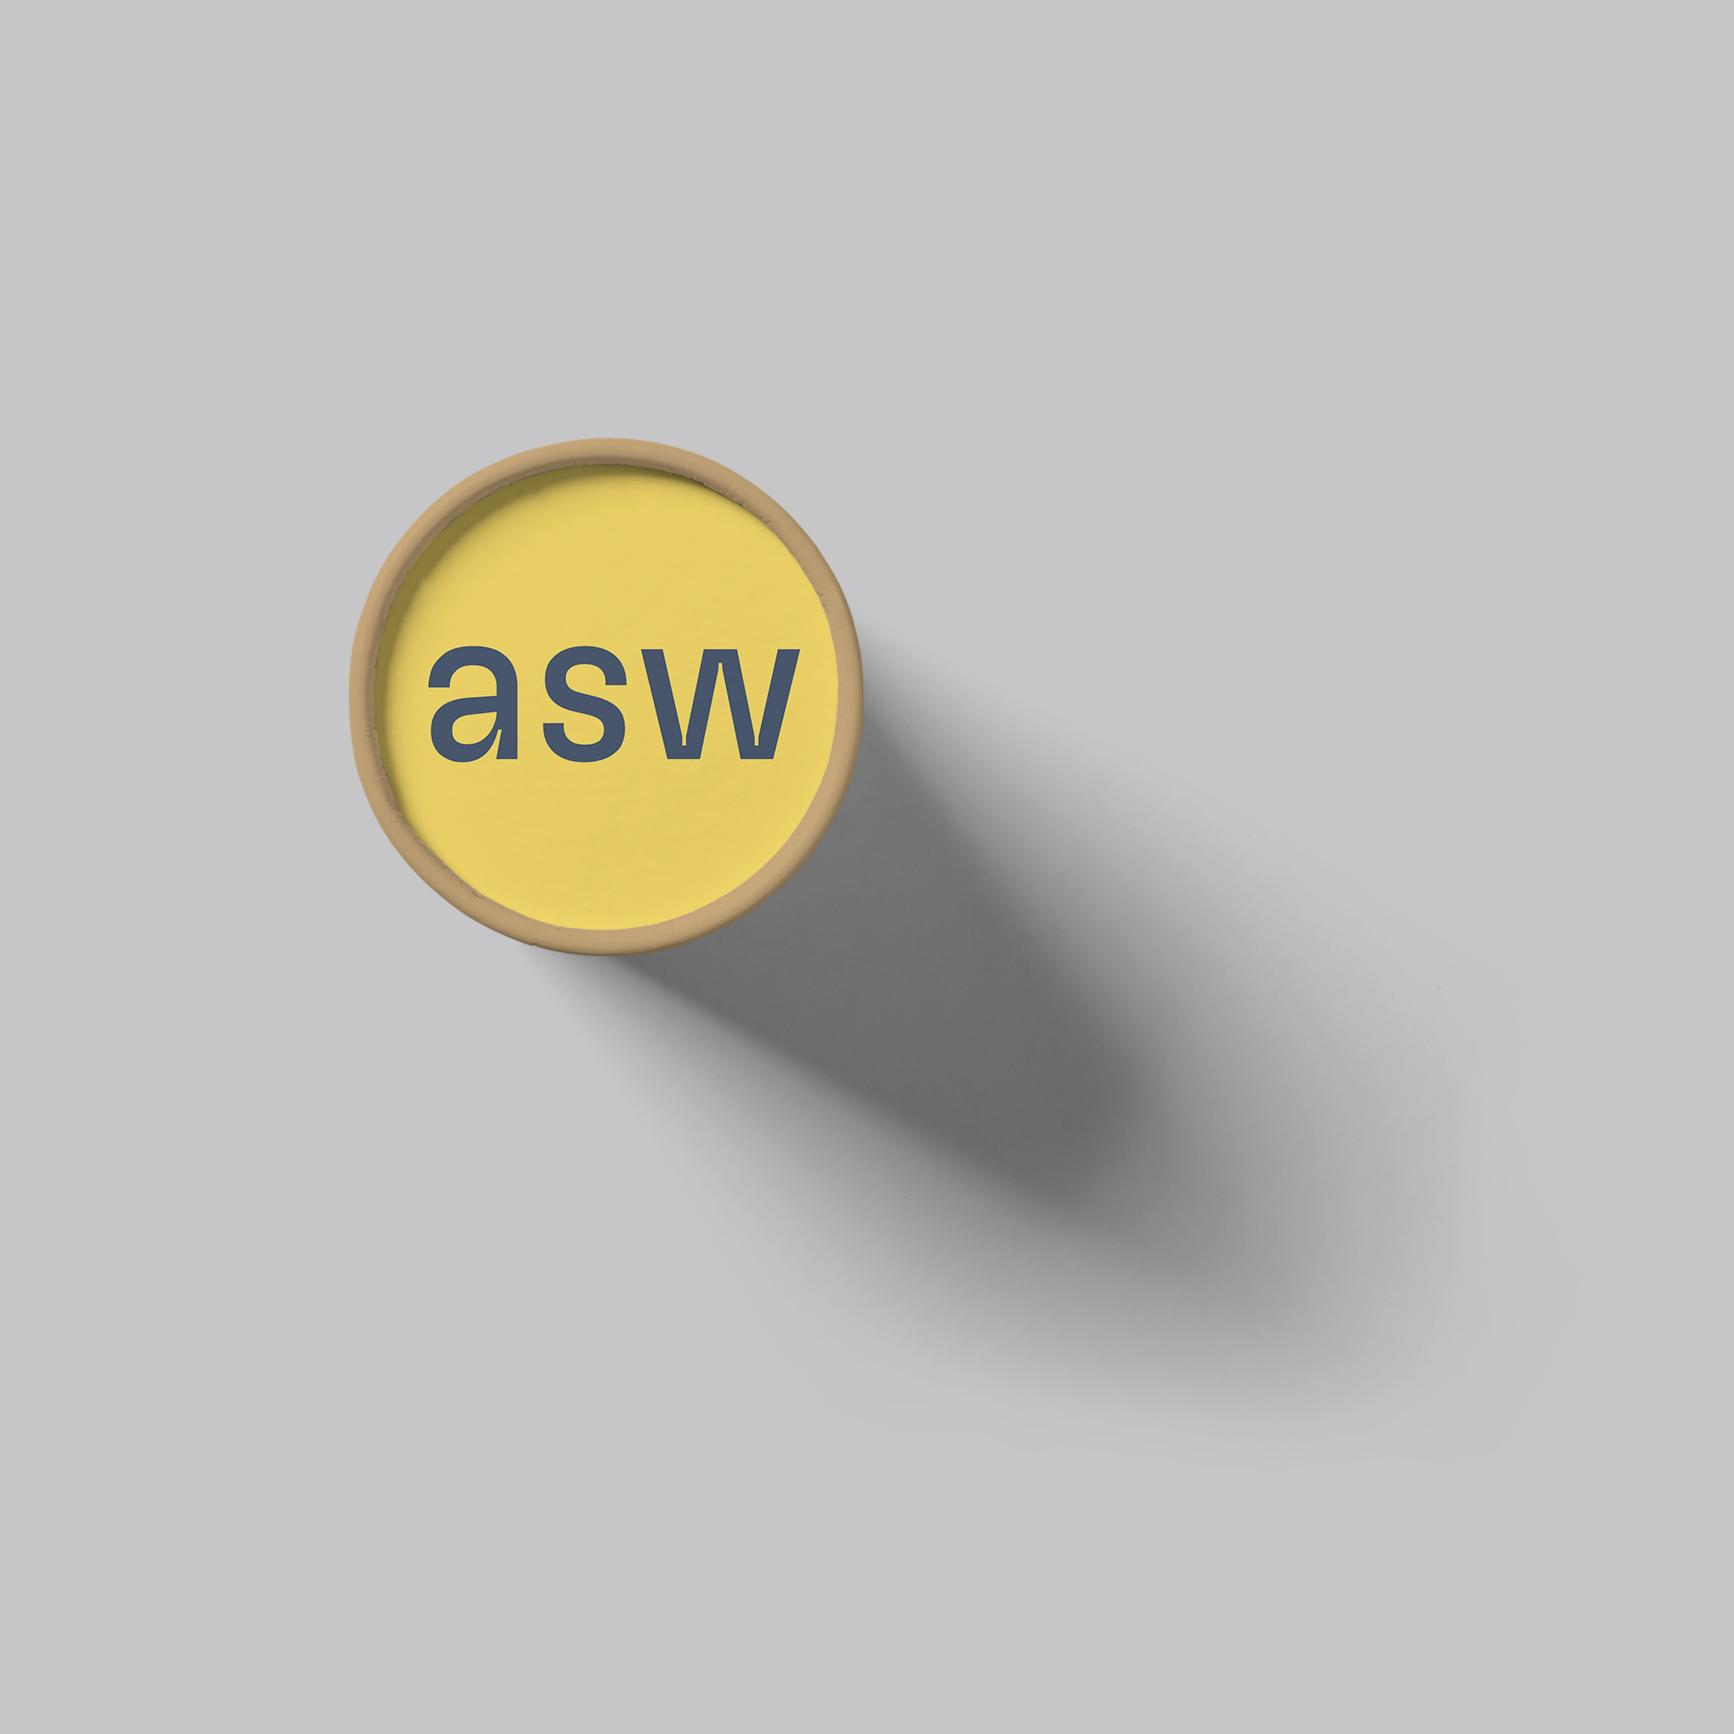 asw-kuerzel